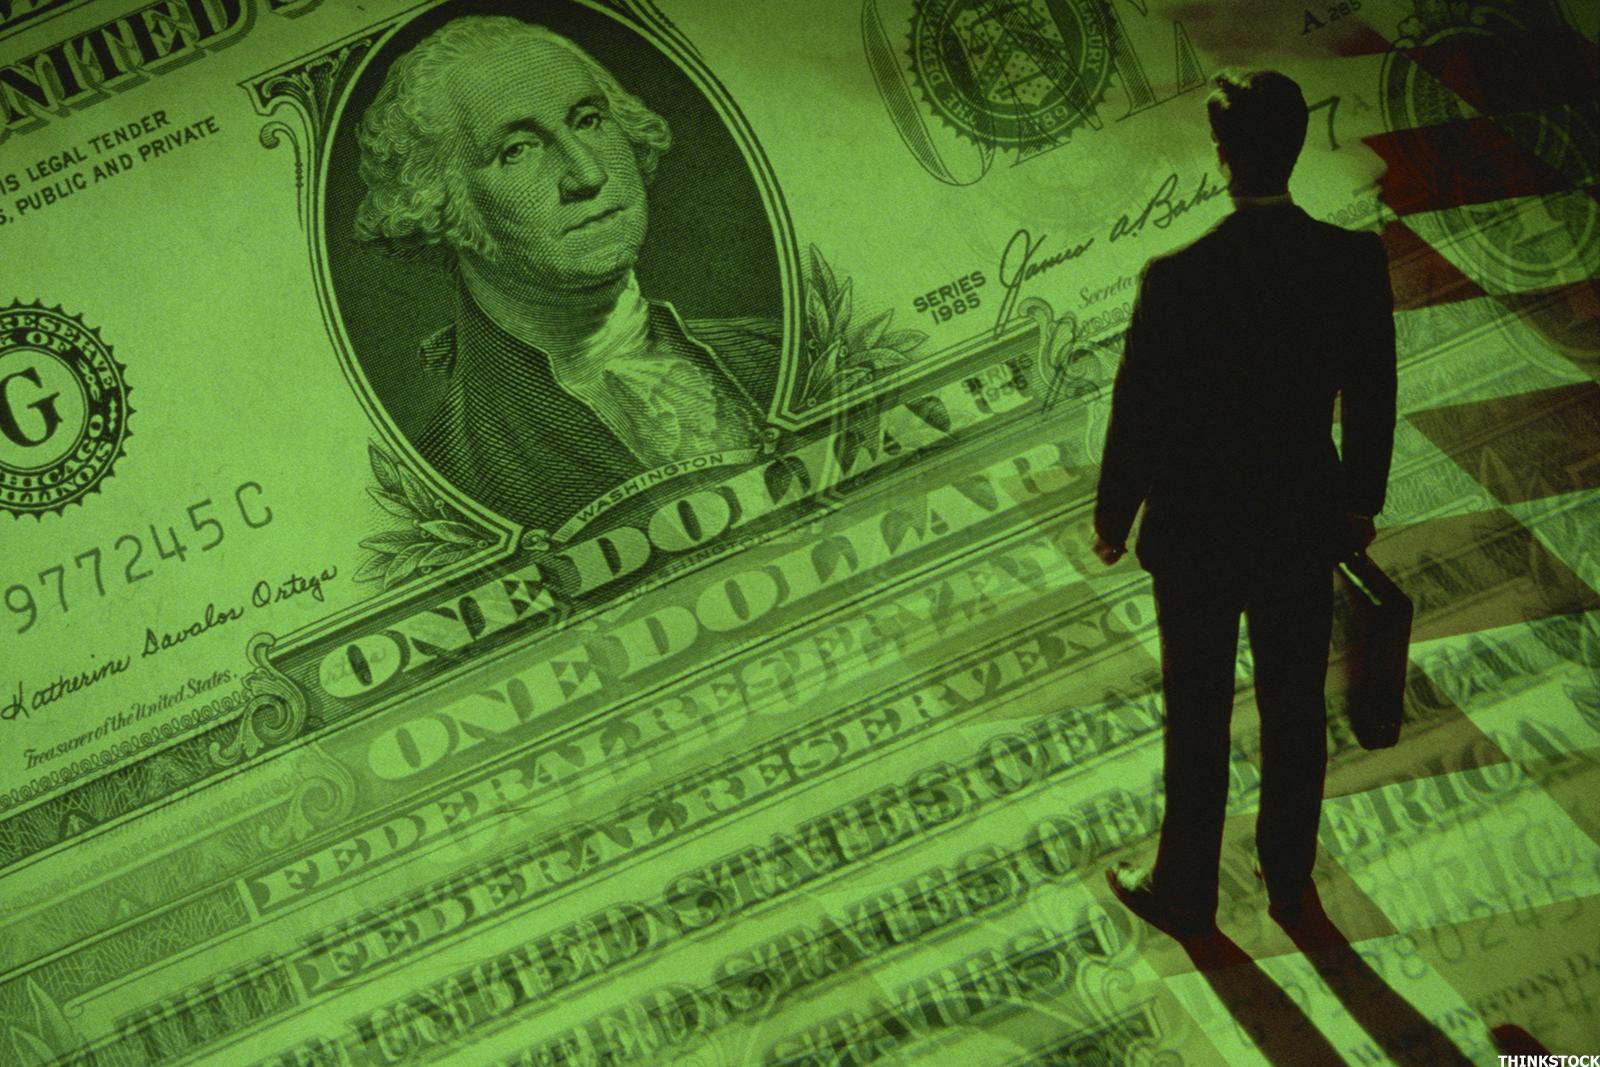 ما الأسهم ذات القيمة الكبيرة - الشركات ذات الحصة السوقية الكبيرة - توزيعات الأرباح لأصحاب الأسهم - ارتفاع نسبة السعر إلى العوائد